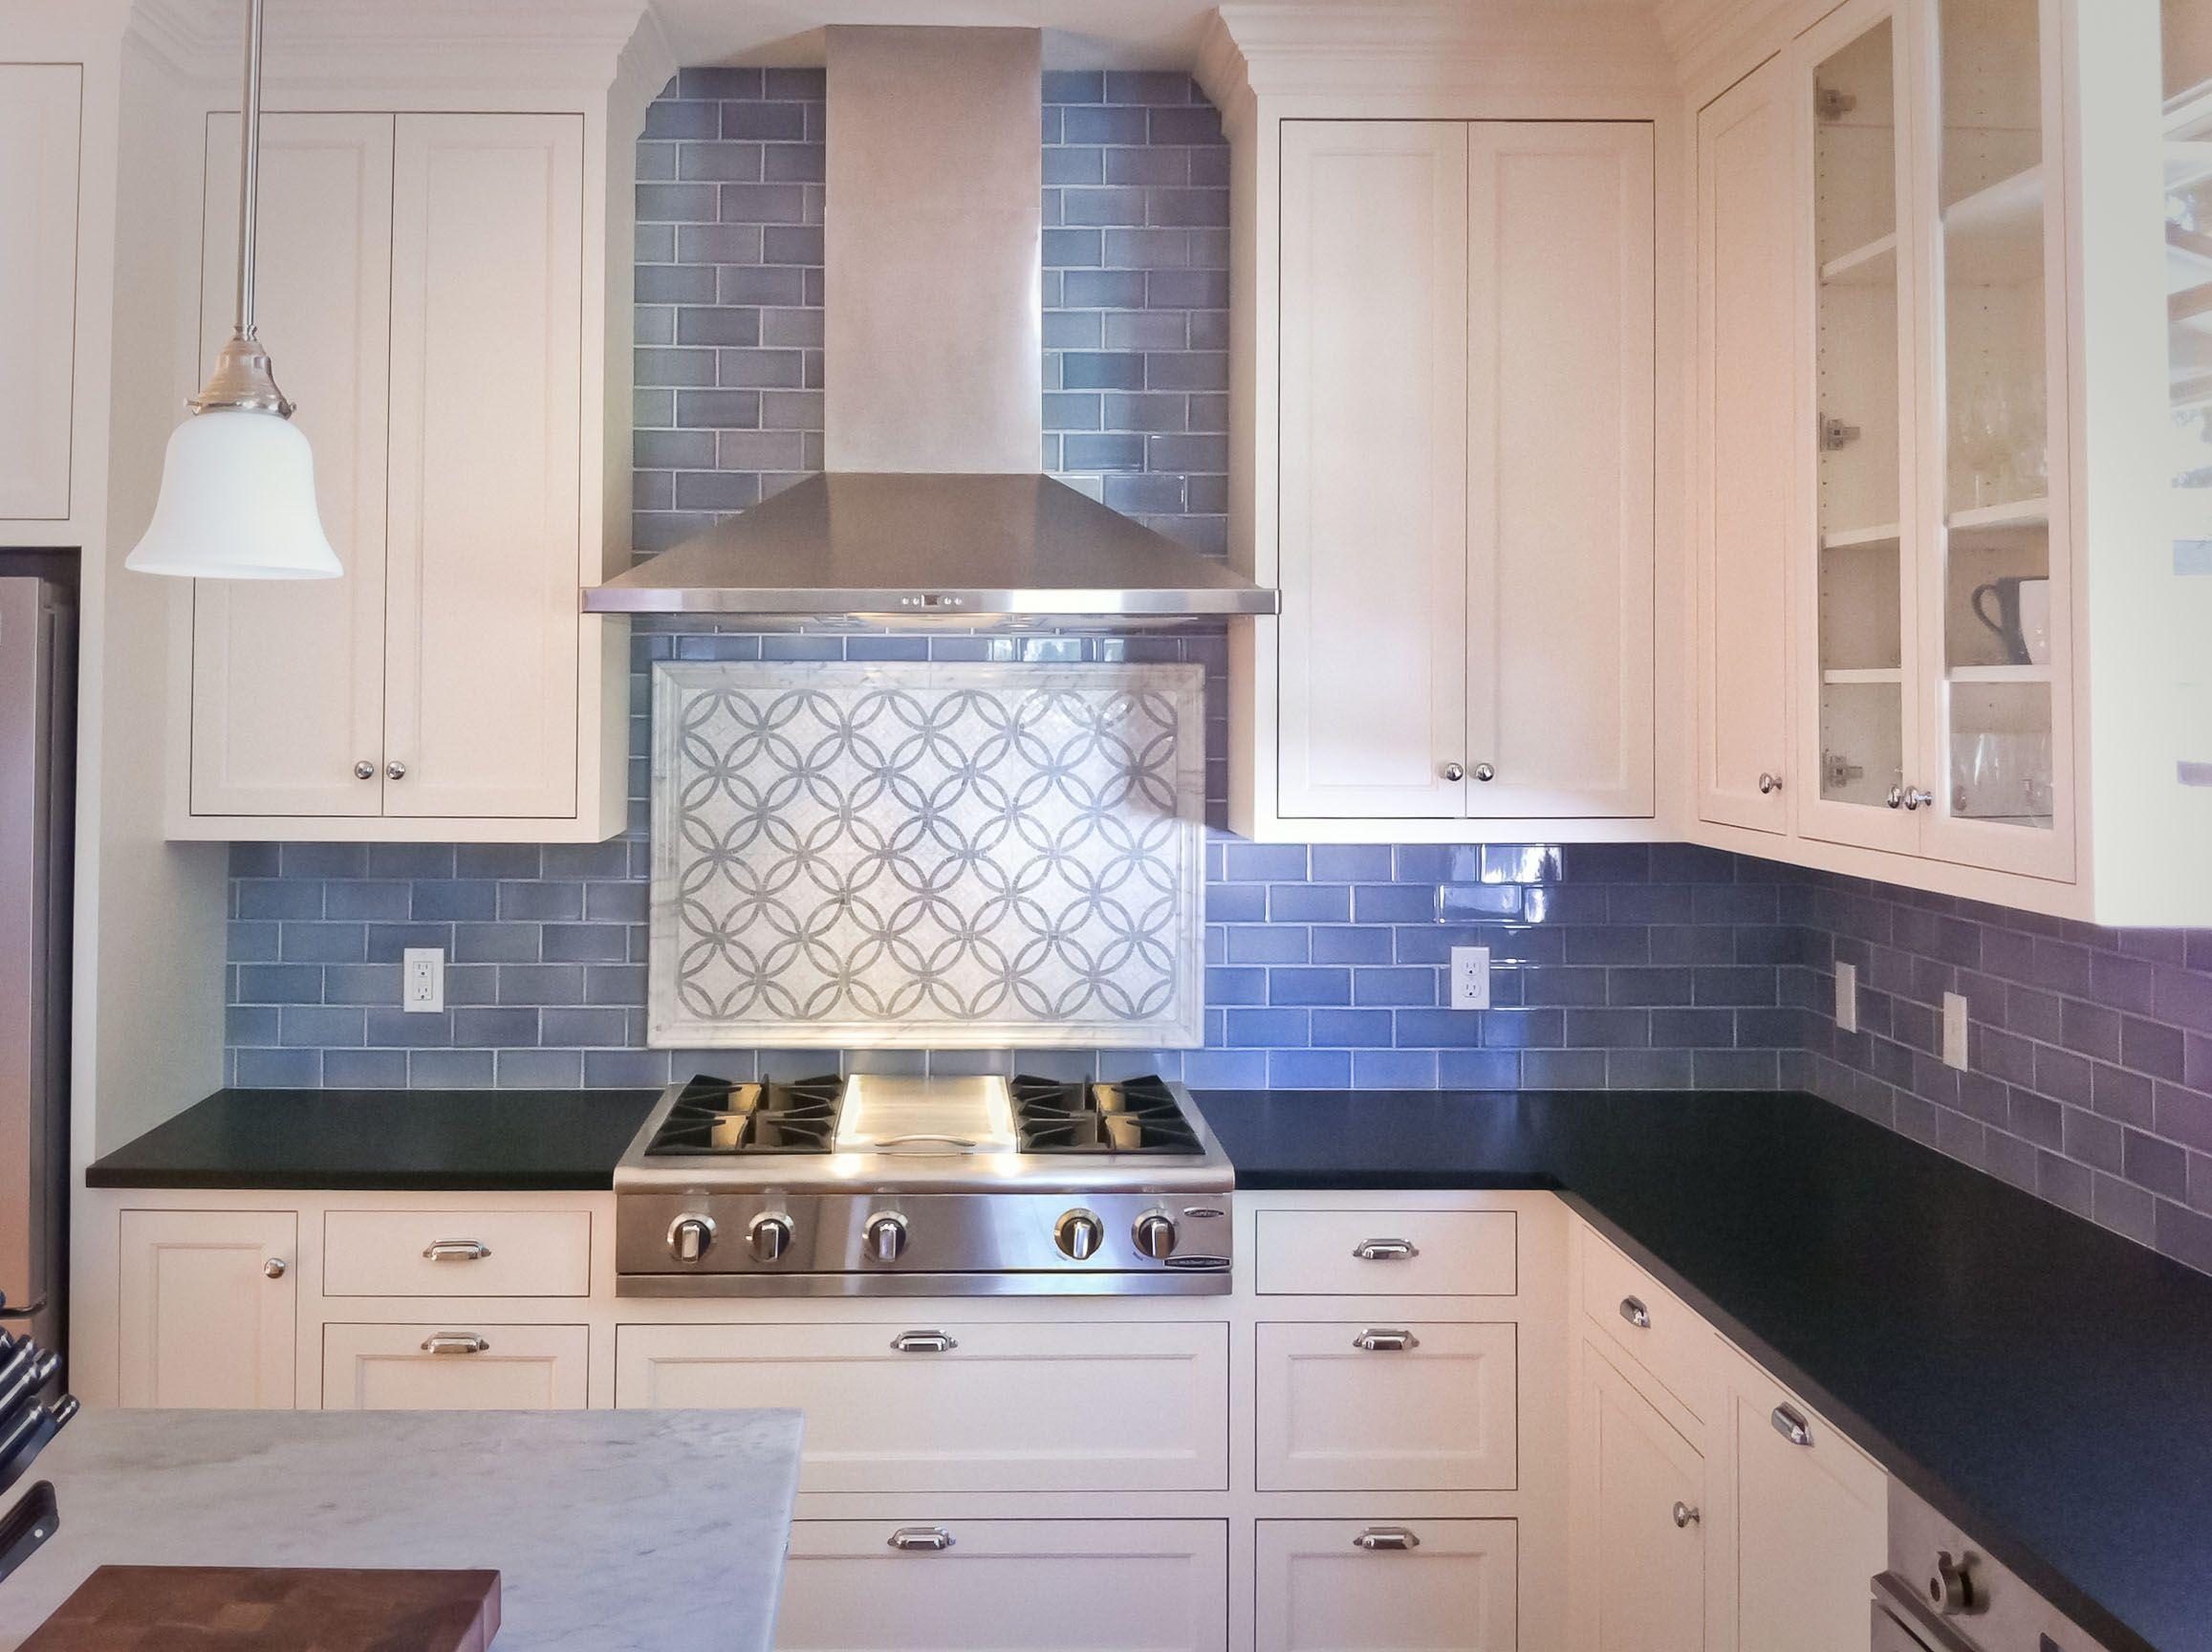 kitchen backsplash subway tile kitchen Wonderful Subway Tile Backsplash Kitchen Pictures With White Lacquered Wood Kitchen Cabinet Also Blue Tile Pattern Kitchen Backsplash And Black